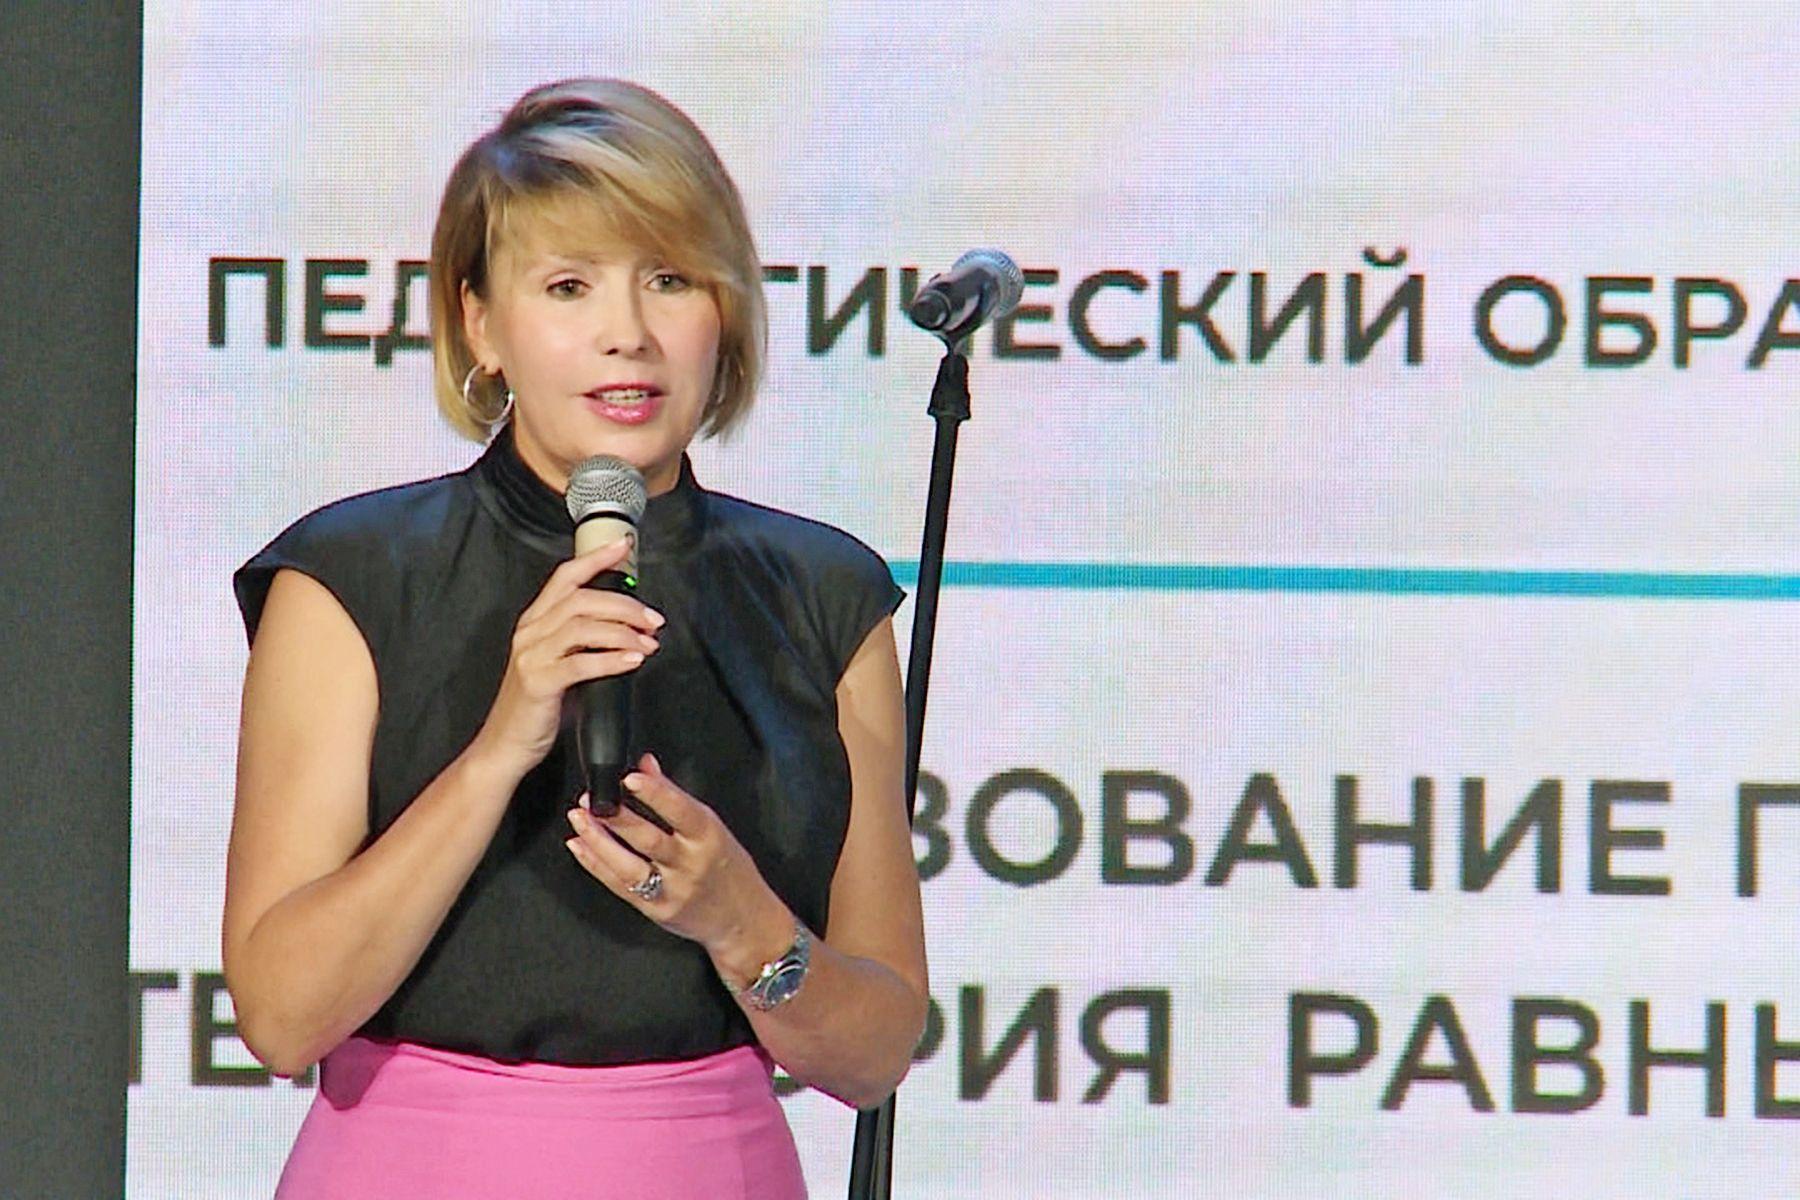 Ректор ВГУЭС Татьяна Терентьева: Мы выдерживаем конкуренцию за студентов и качество образования